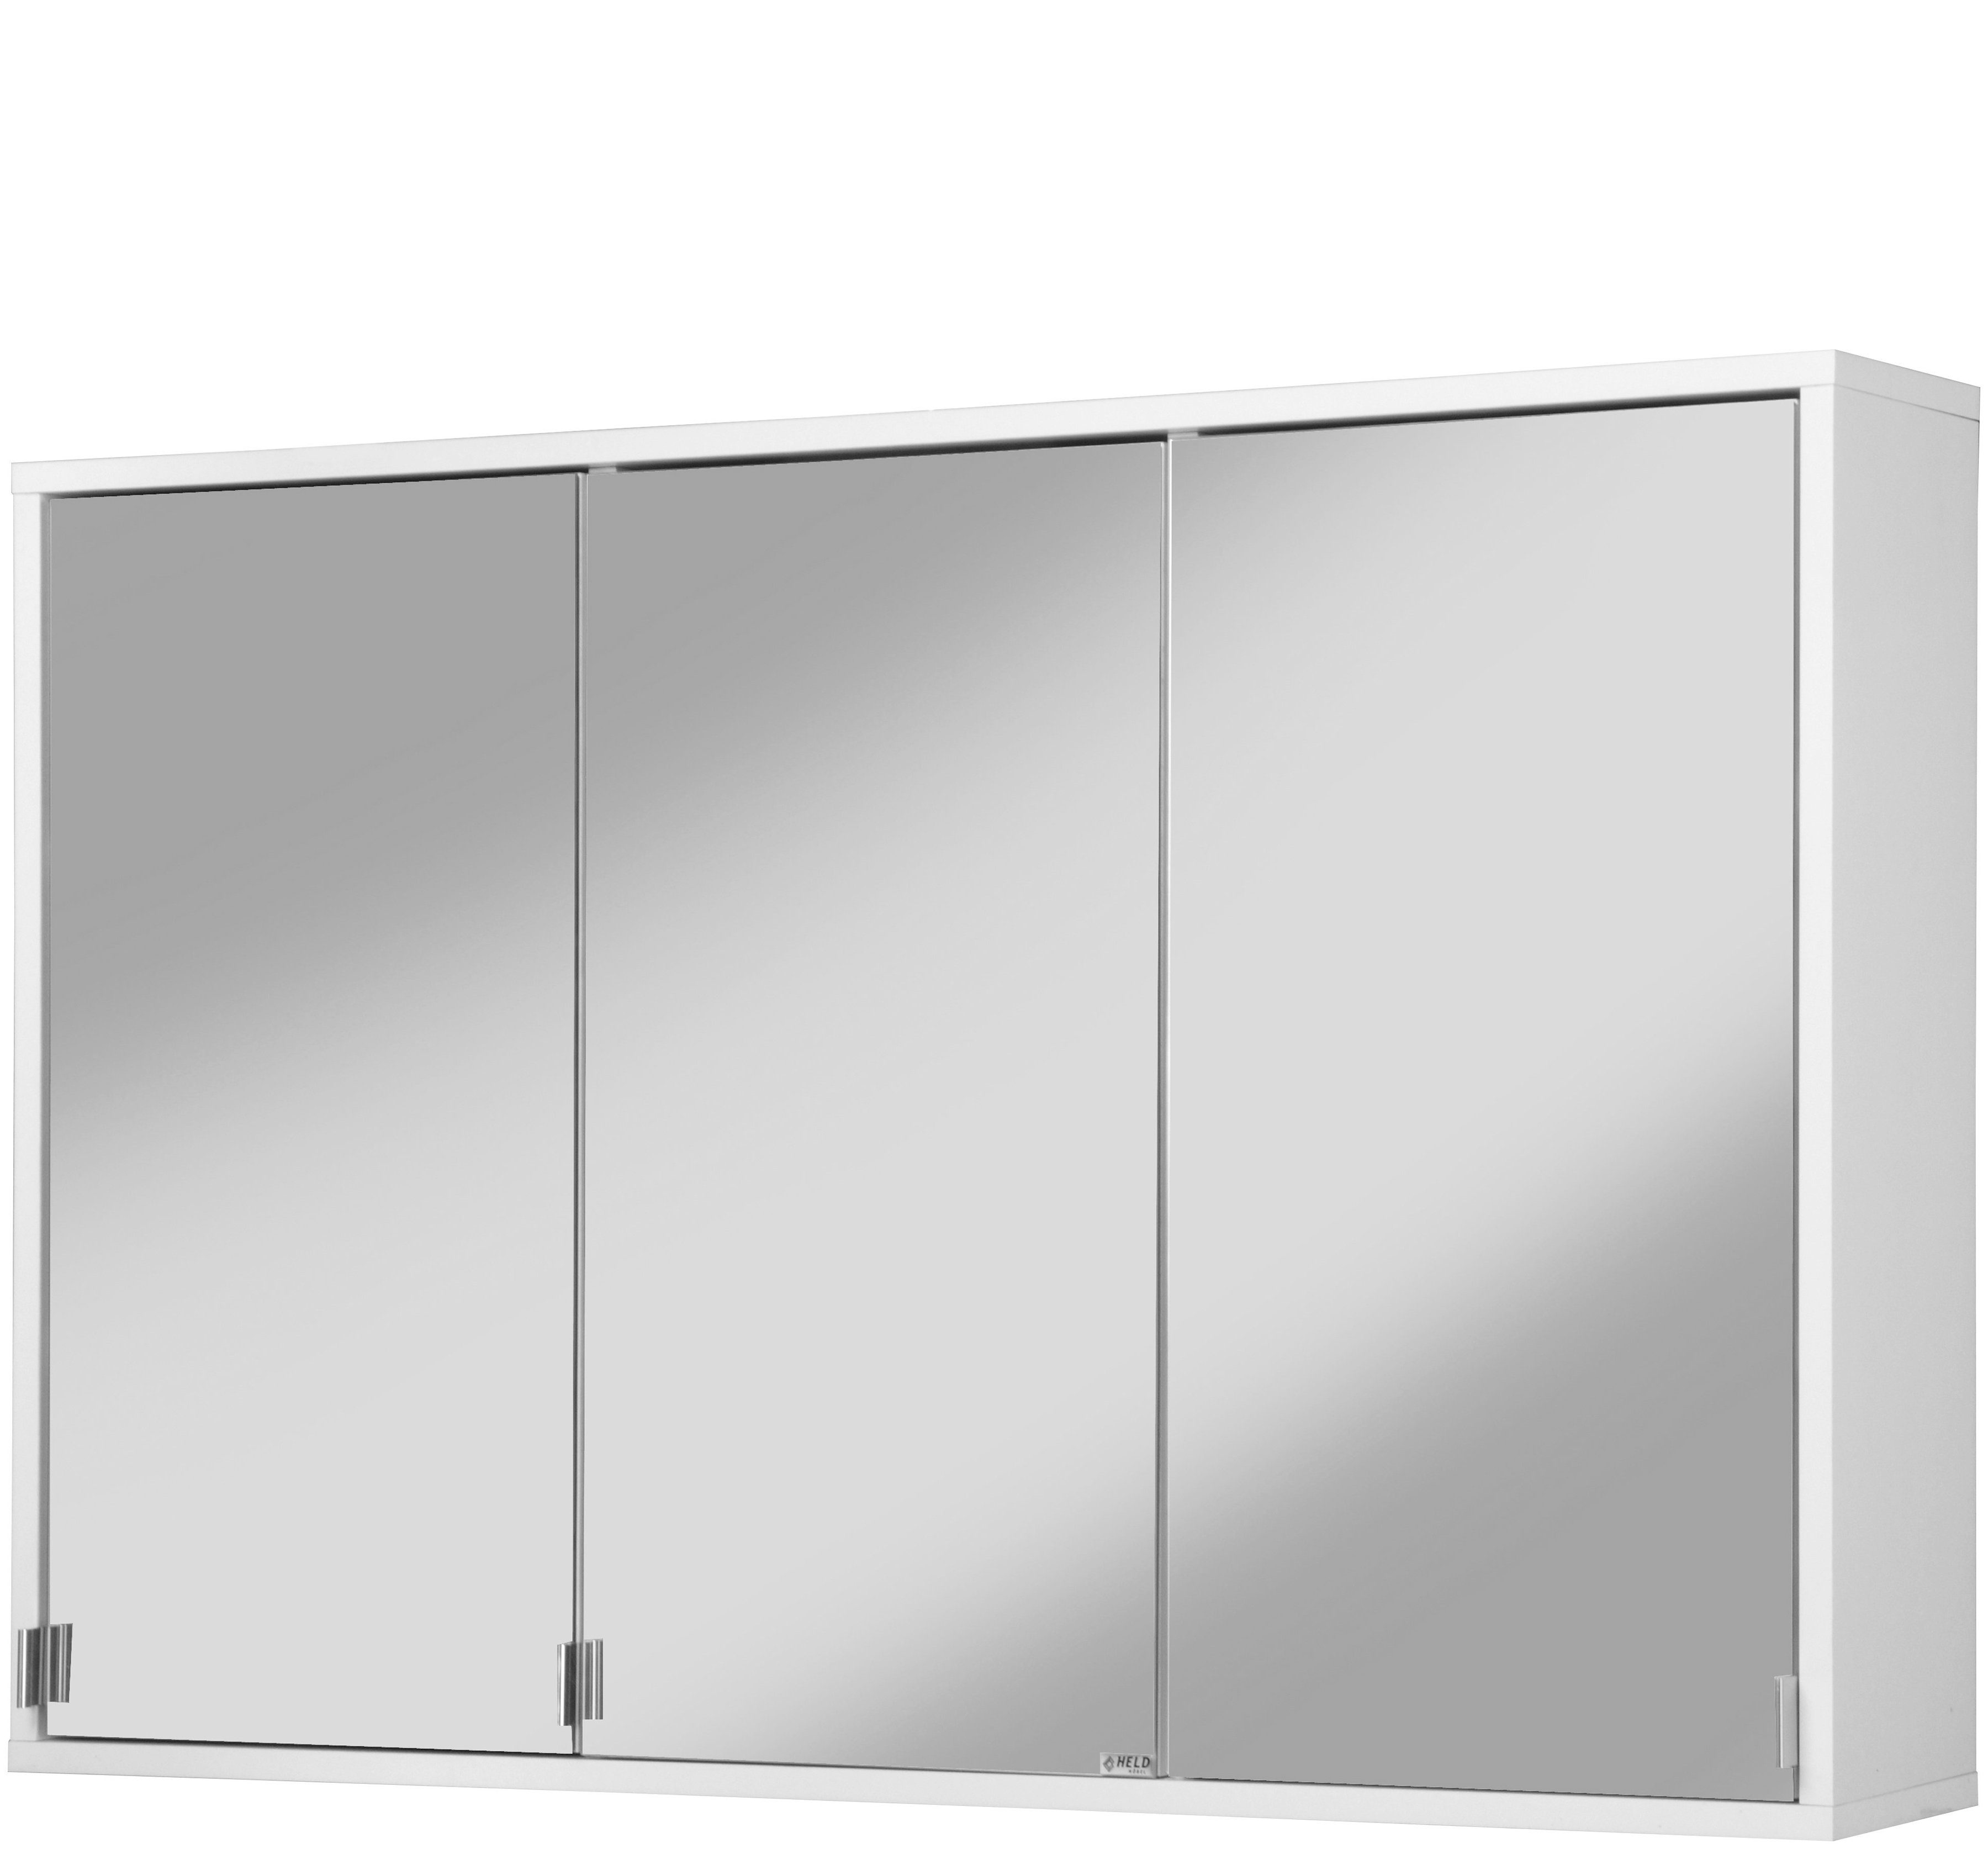 Held Möbel Spiegelschrank »Retro« Breite 100 cm, mit LED-Beleuchtung